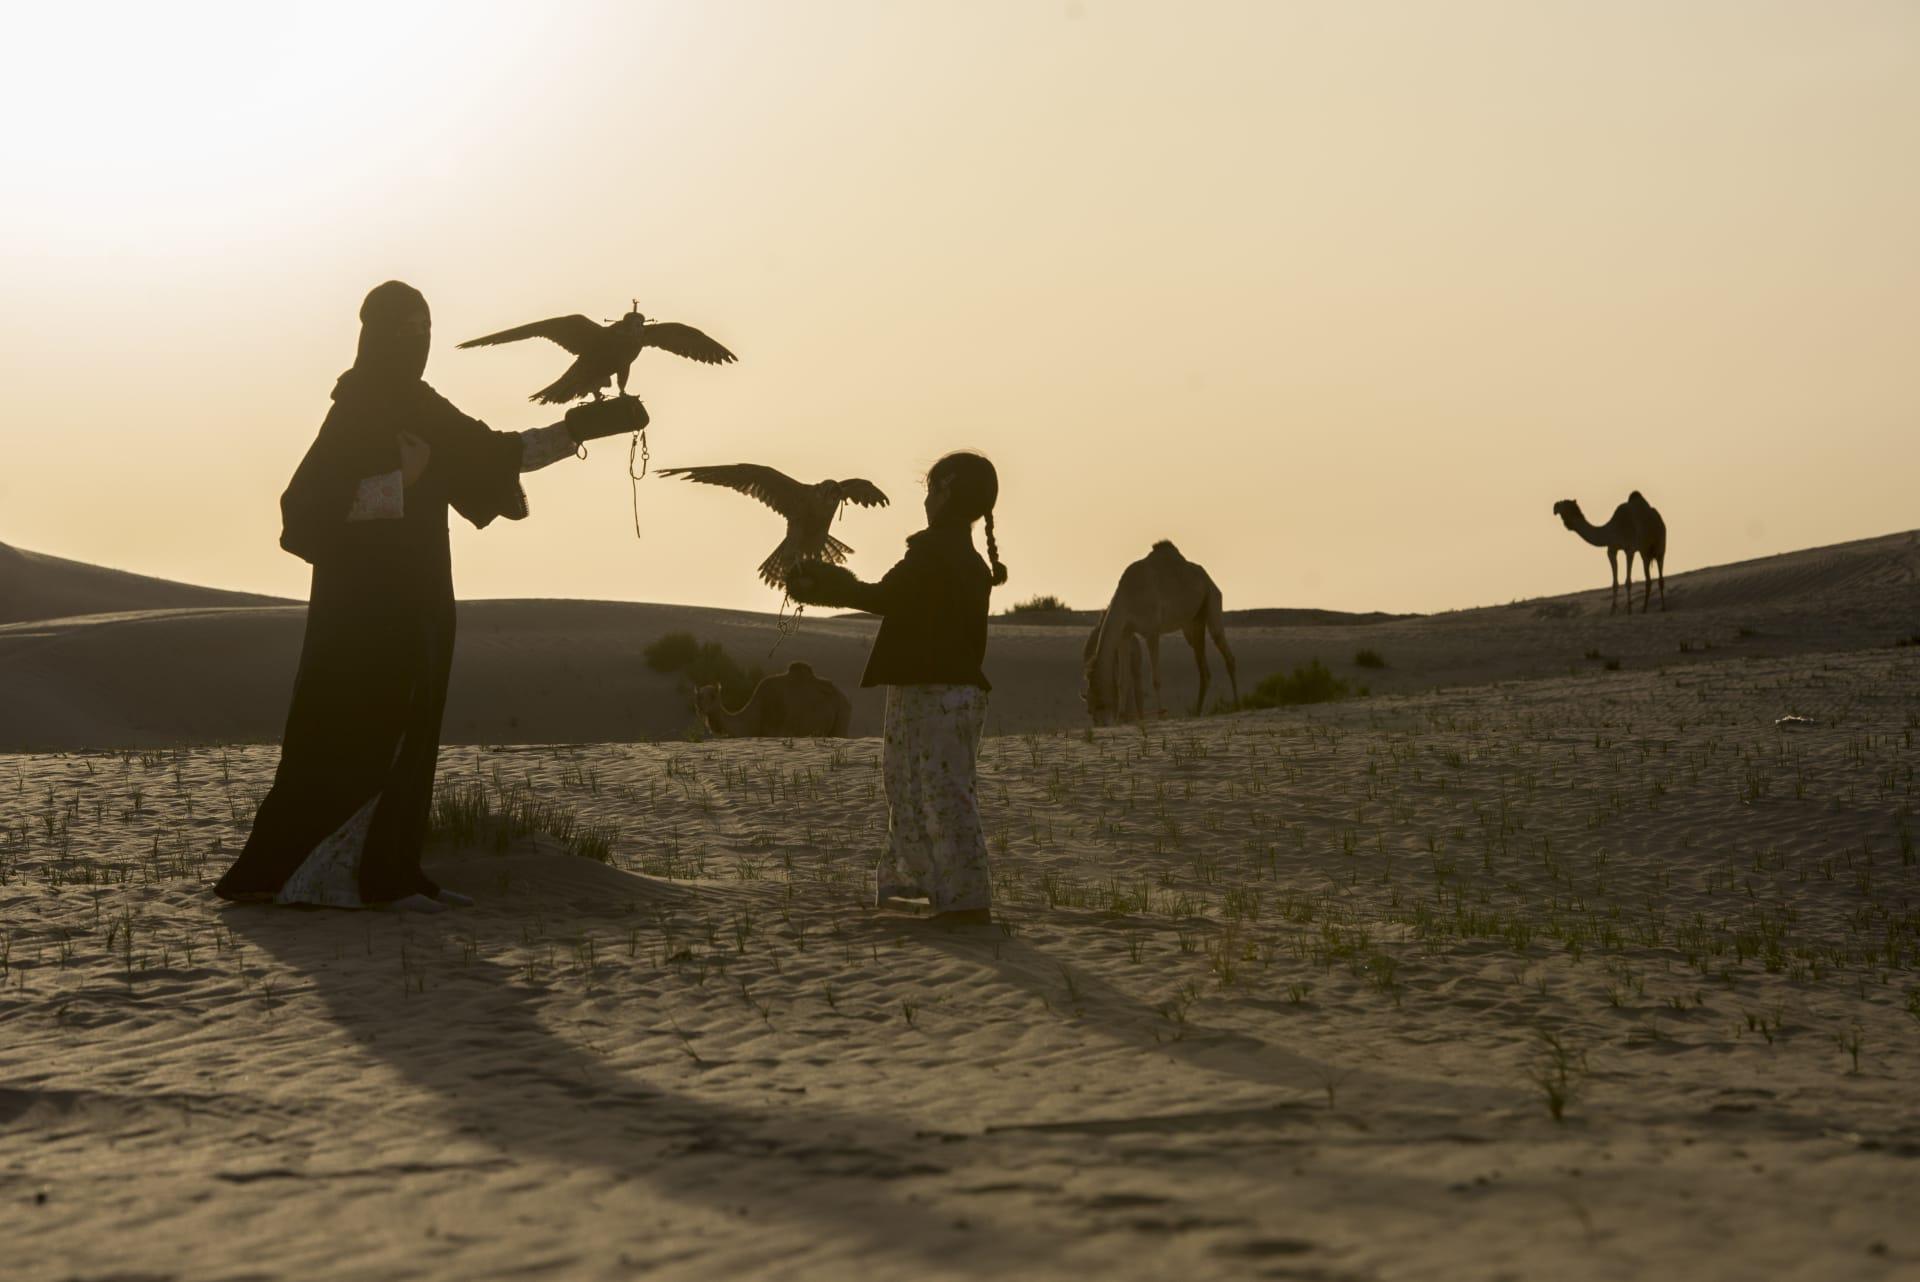 المصورة الوثائقية، فيديا تشاندراموهان